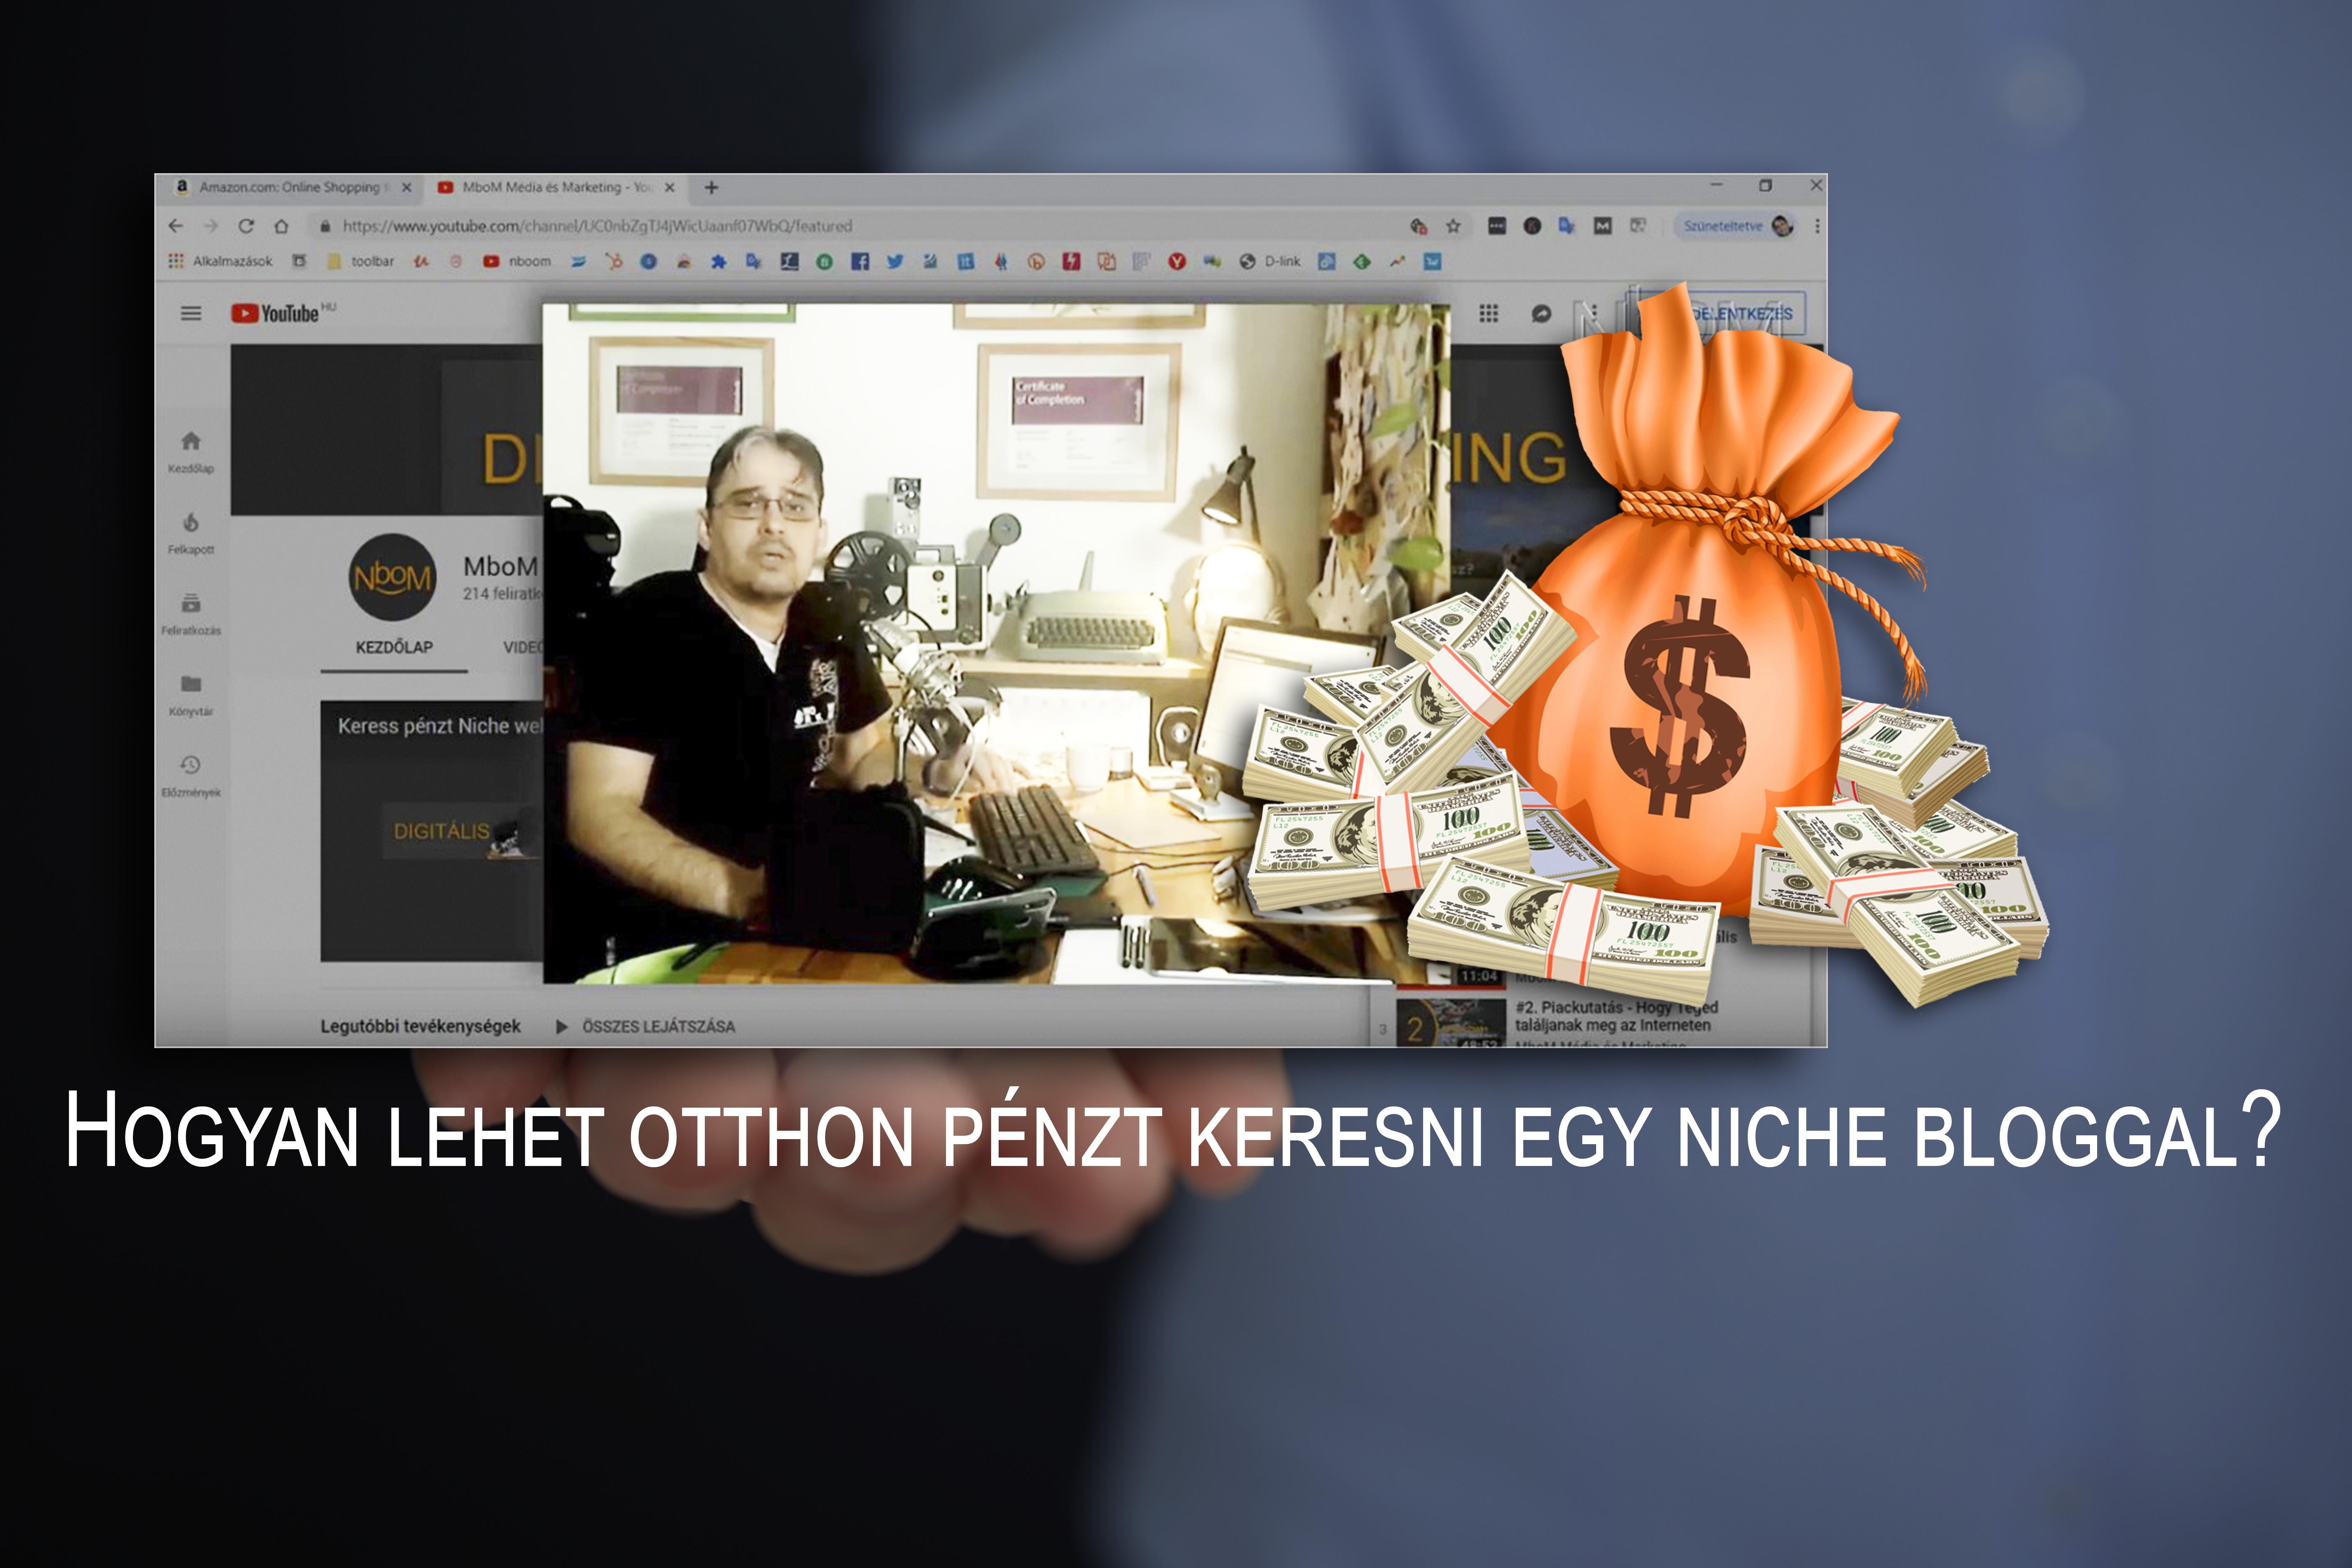 hogyan lehet pénzt keresni az interneten beruházások nélkül